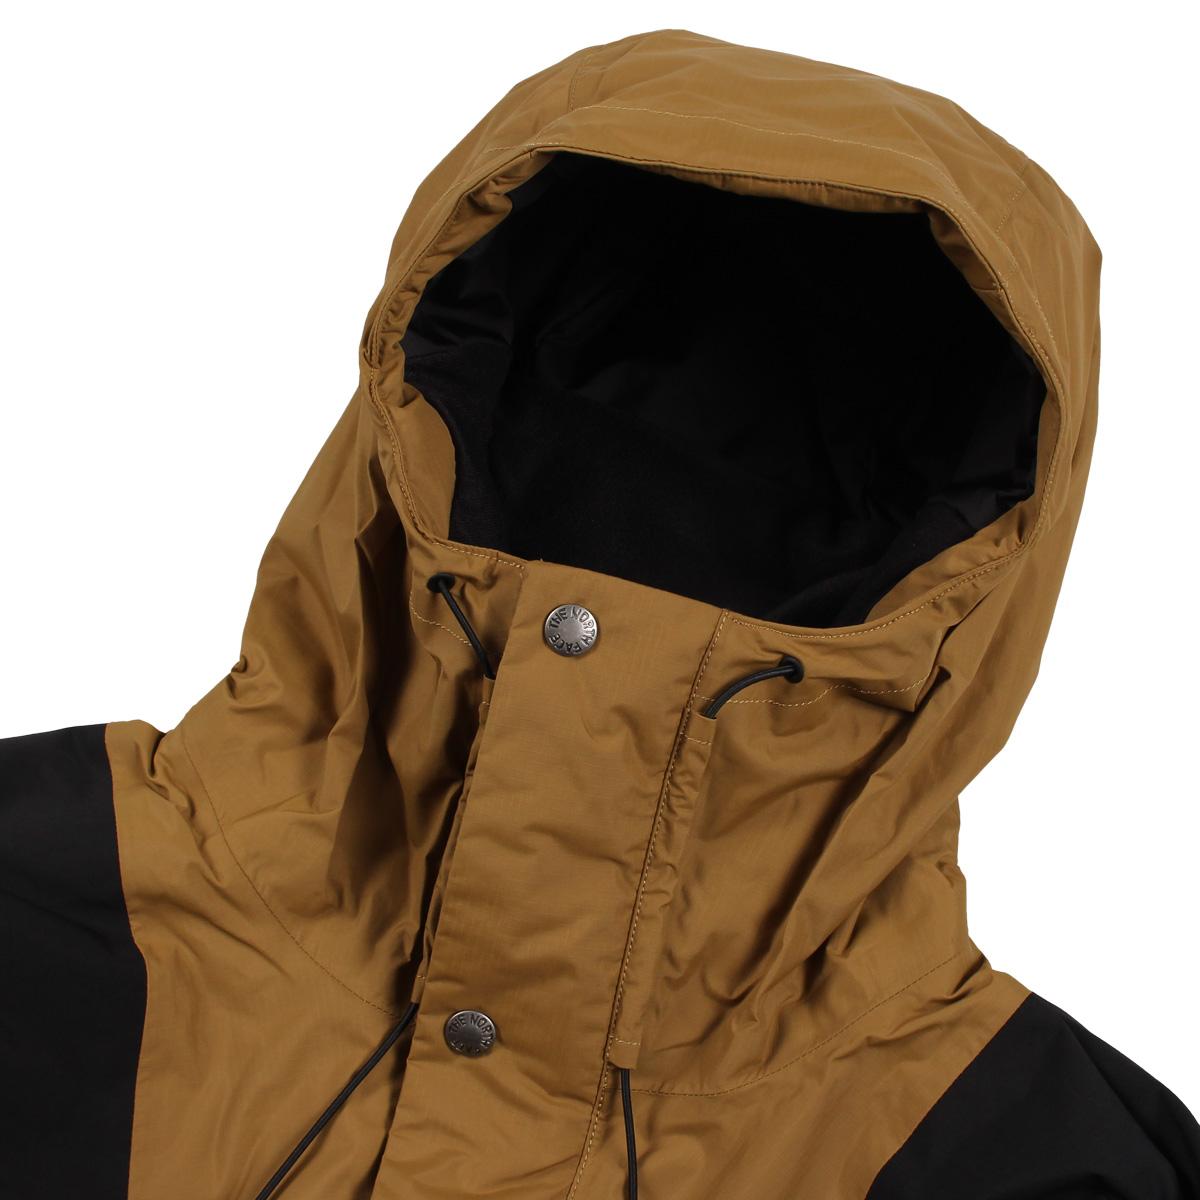 eccezionale gamma di colori vendita ufficiale seleziona per ufficiale Sugar Online Shop: THE NORTH FACE North Face jacket mountain ...